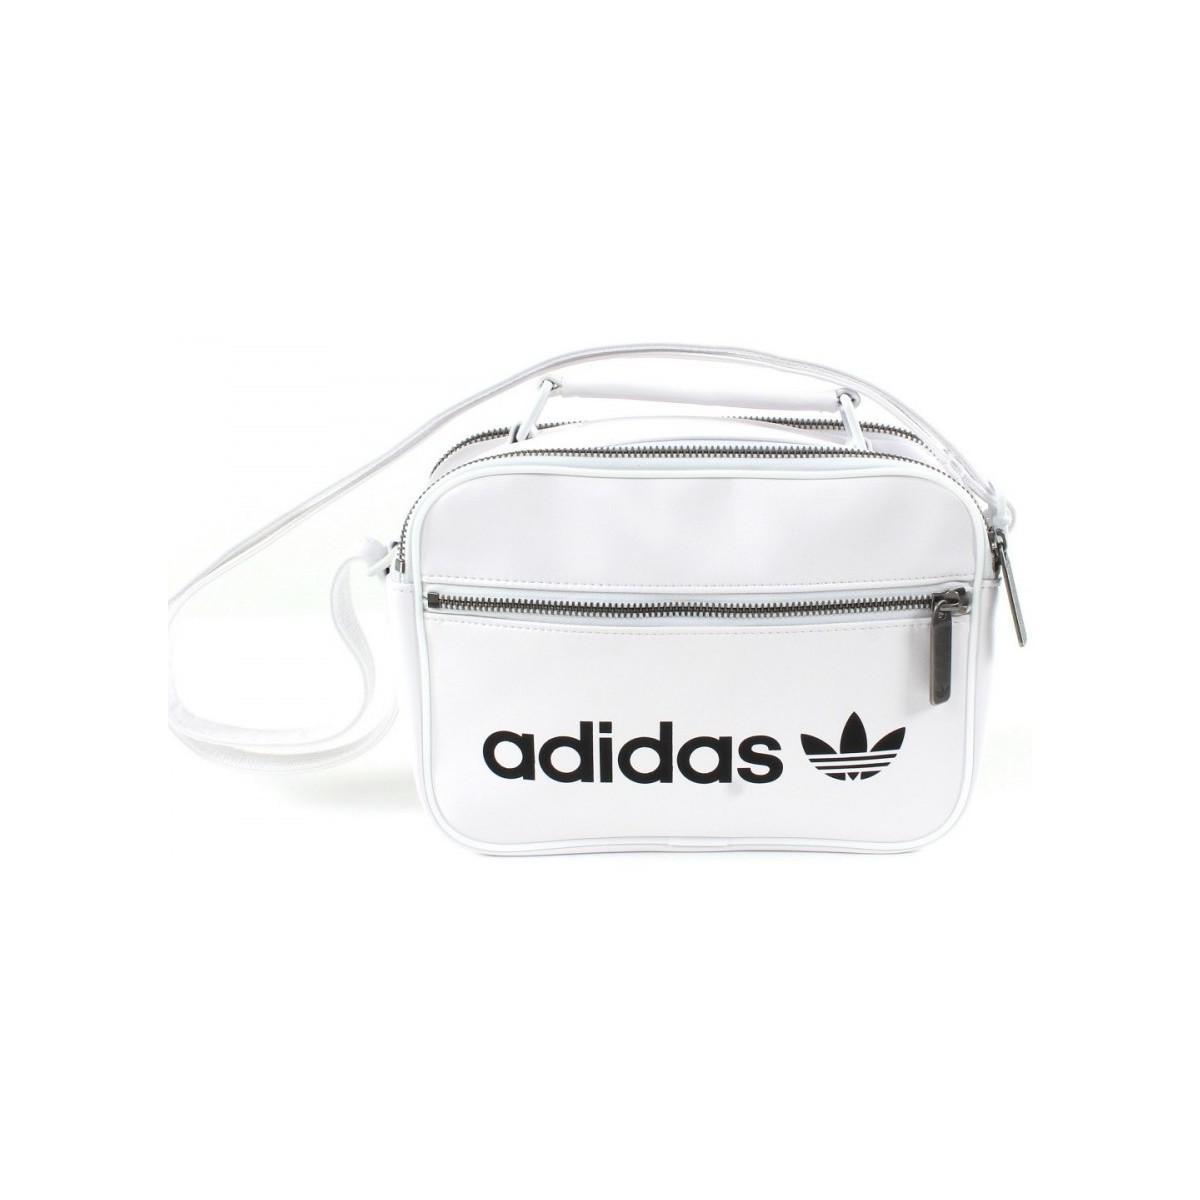 Adidas En Mini Sac Vintage Blanc Femmes White Airliner Coloris Bandouliere thCsrdQ